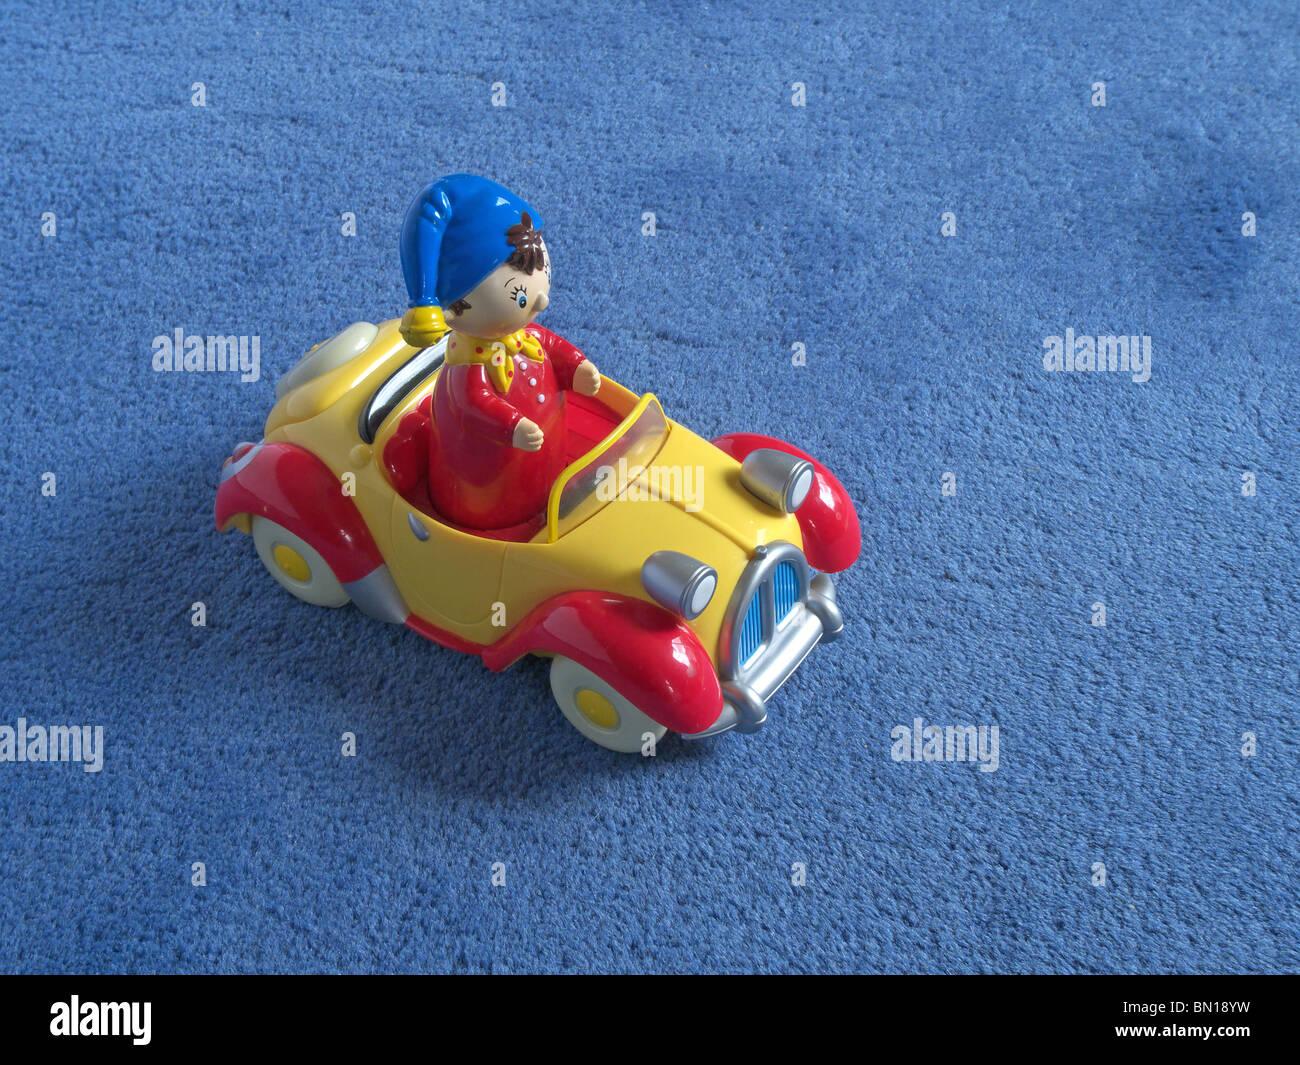 Auto Fußboden Teppich ~ Plastikspielzeug noddy auto auf teppichboden stockfoto bild